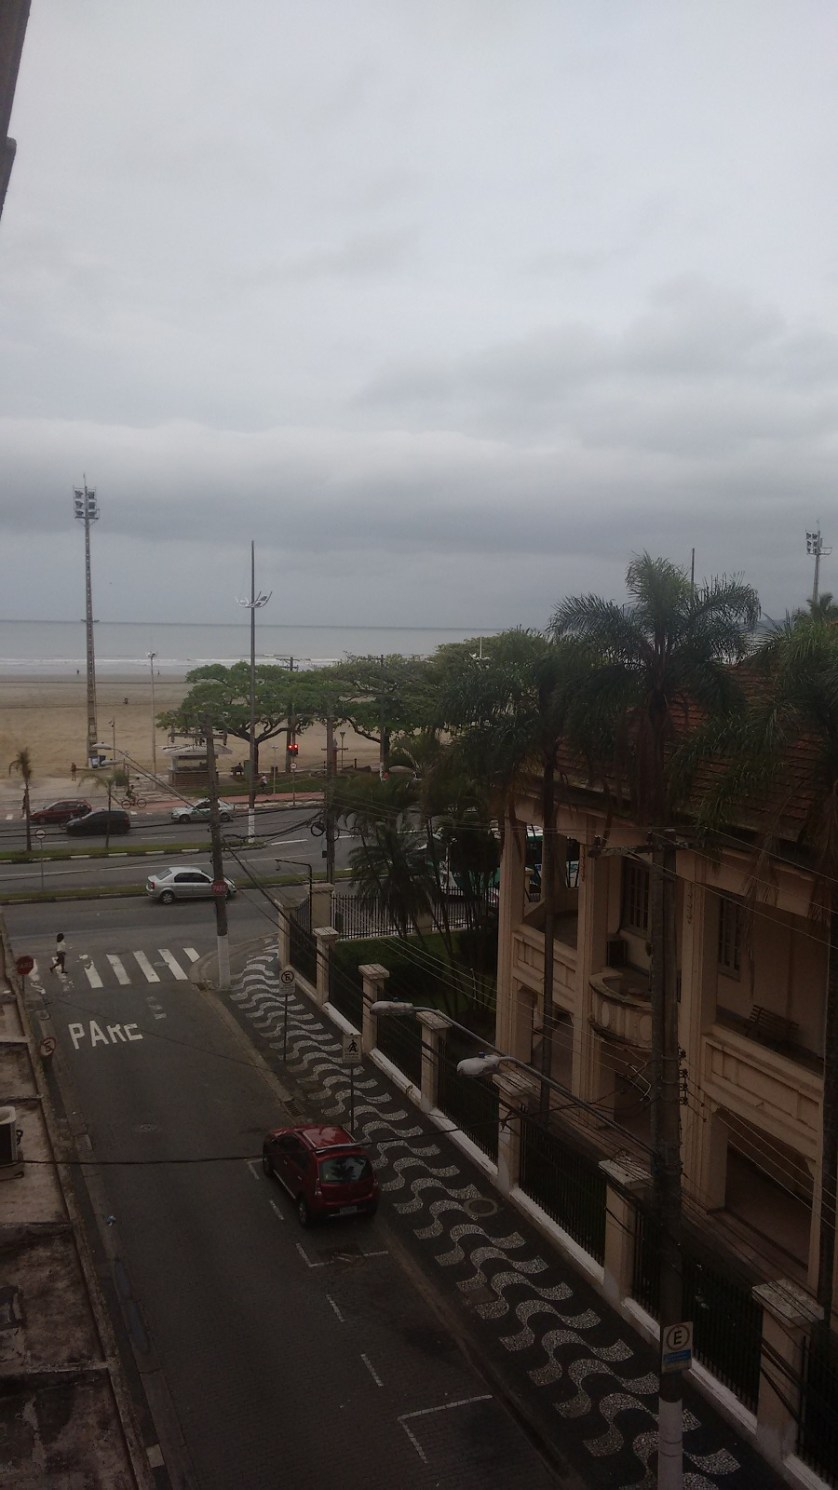 santos-a-cidade-da-vocacao-turistica-e-hospedeira-foto-da-sacada-do-hotel